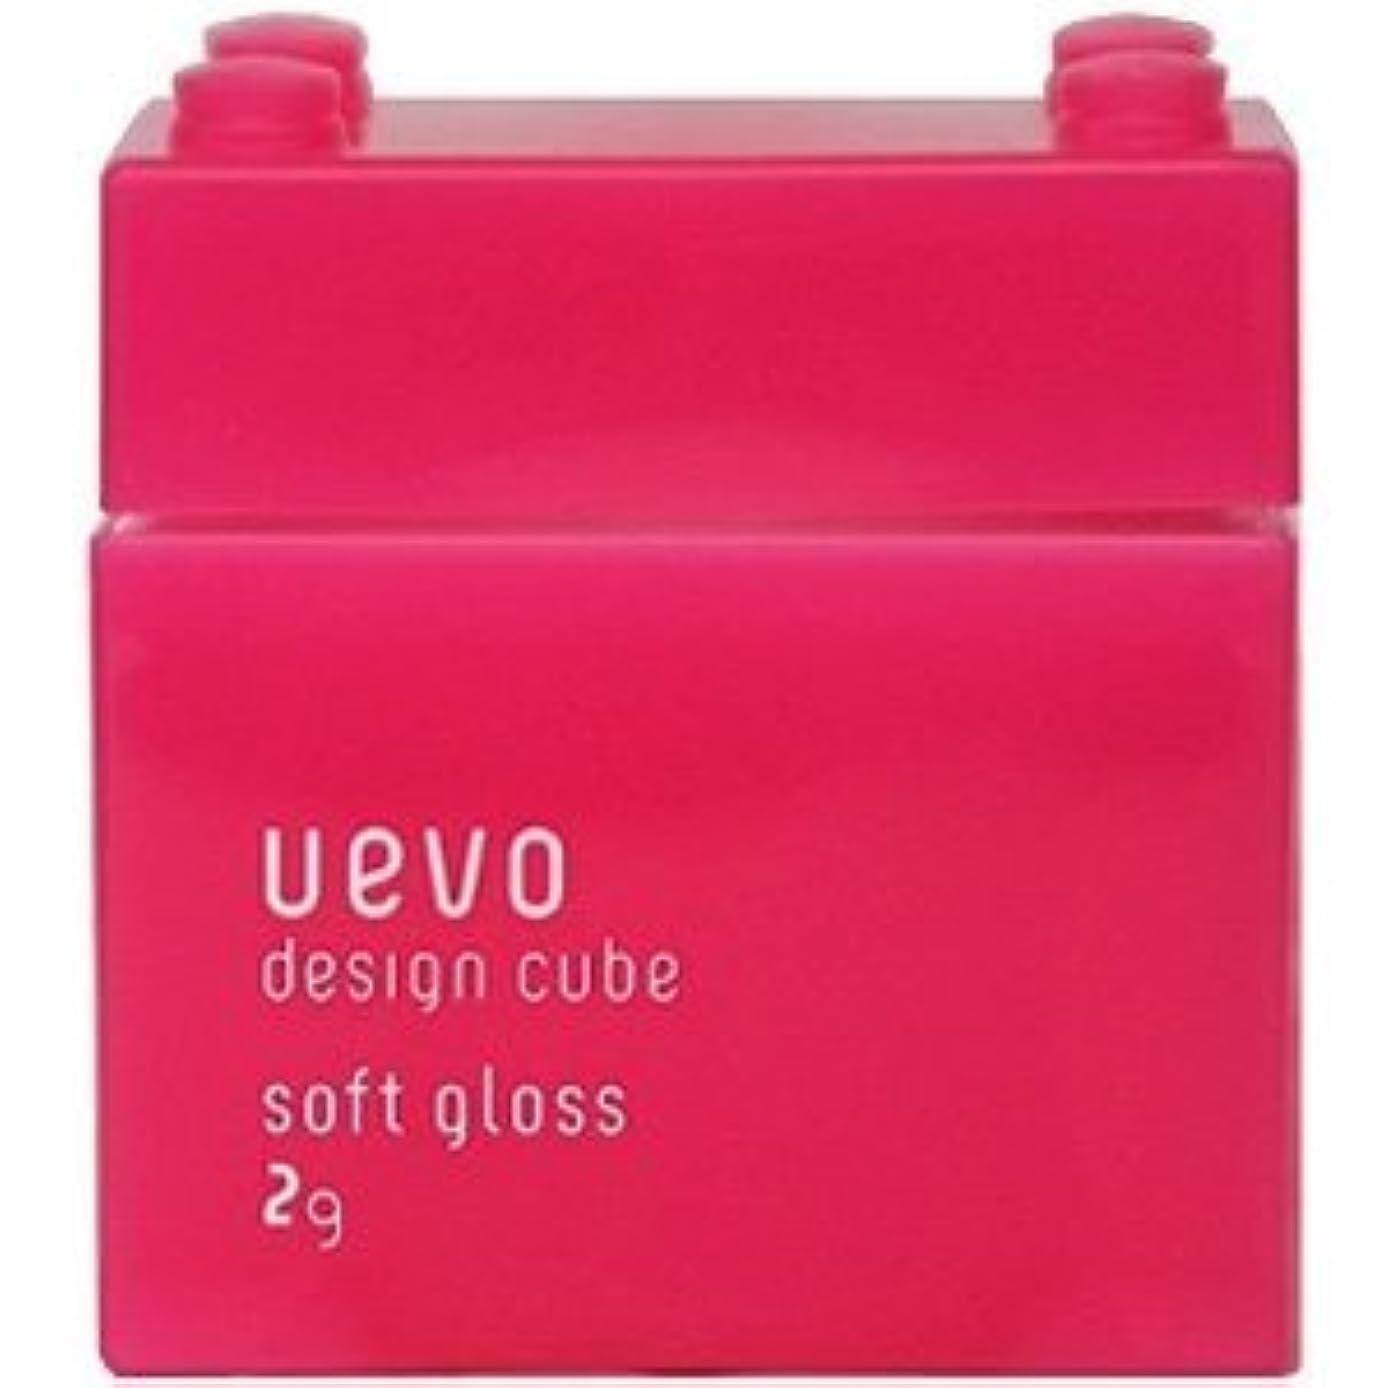 復活する起点財政【X2個セット】 デミ ウェーボ デザインキューブ ソフトグロス 80g soft gloss DEMI uevo design cube